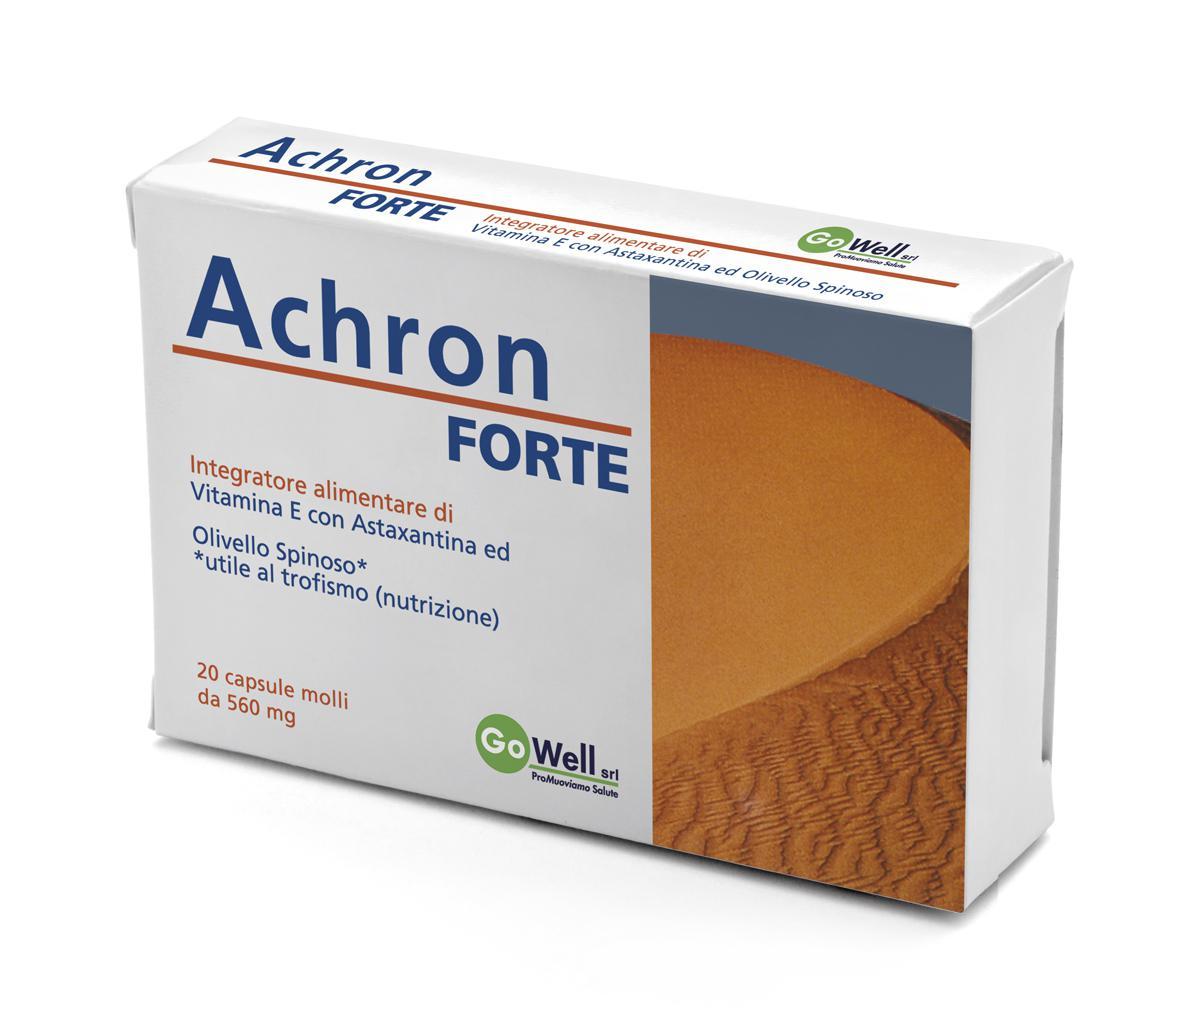 ACHRON FORTE